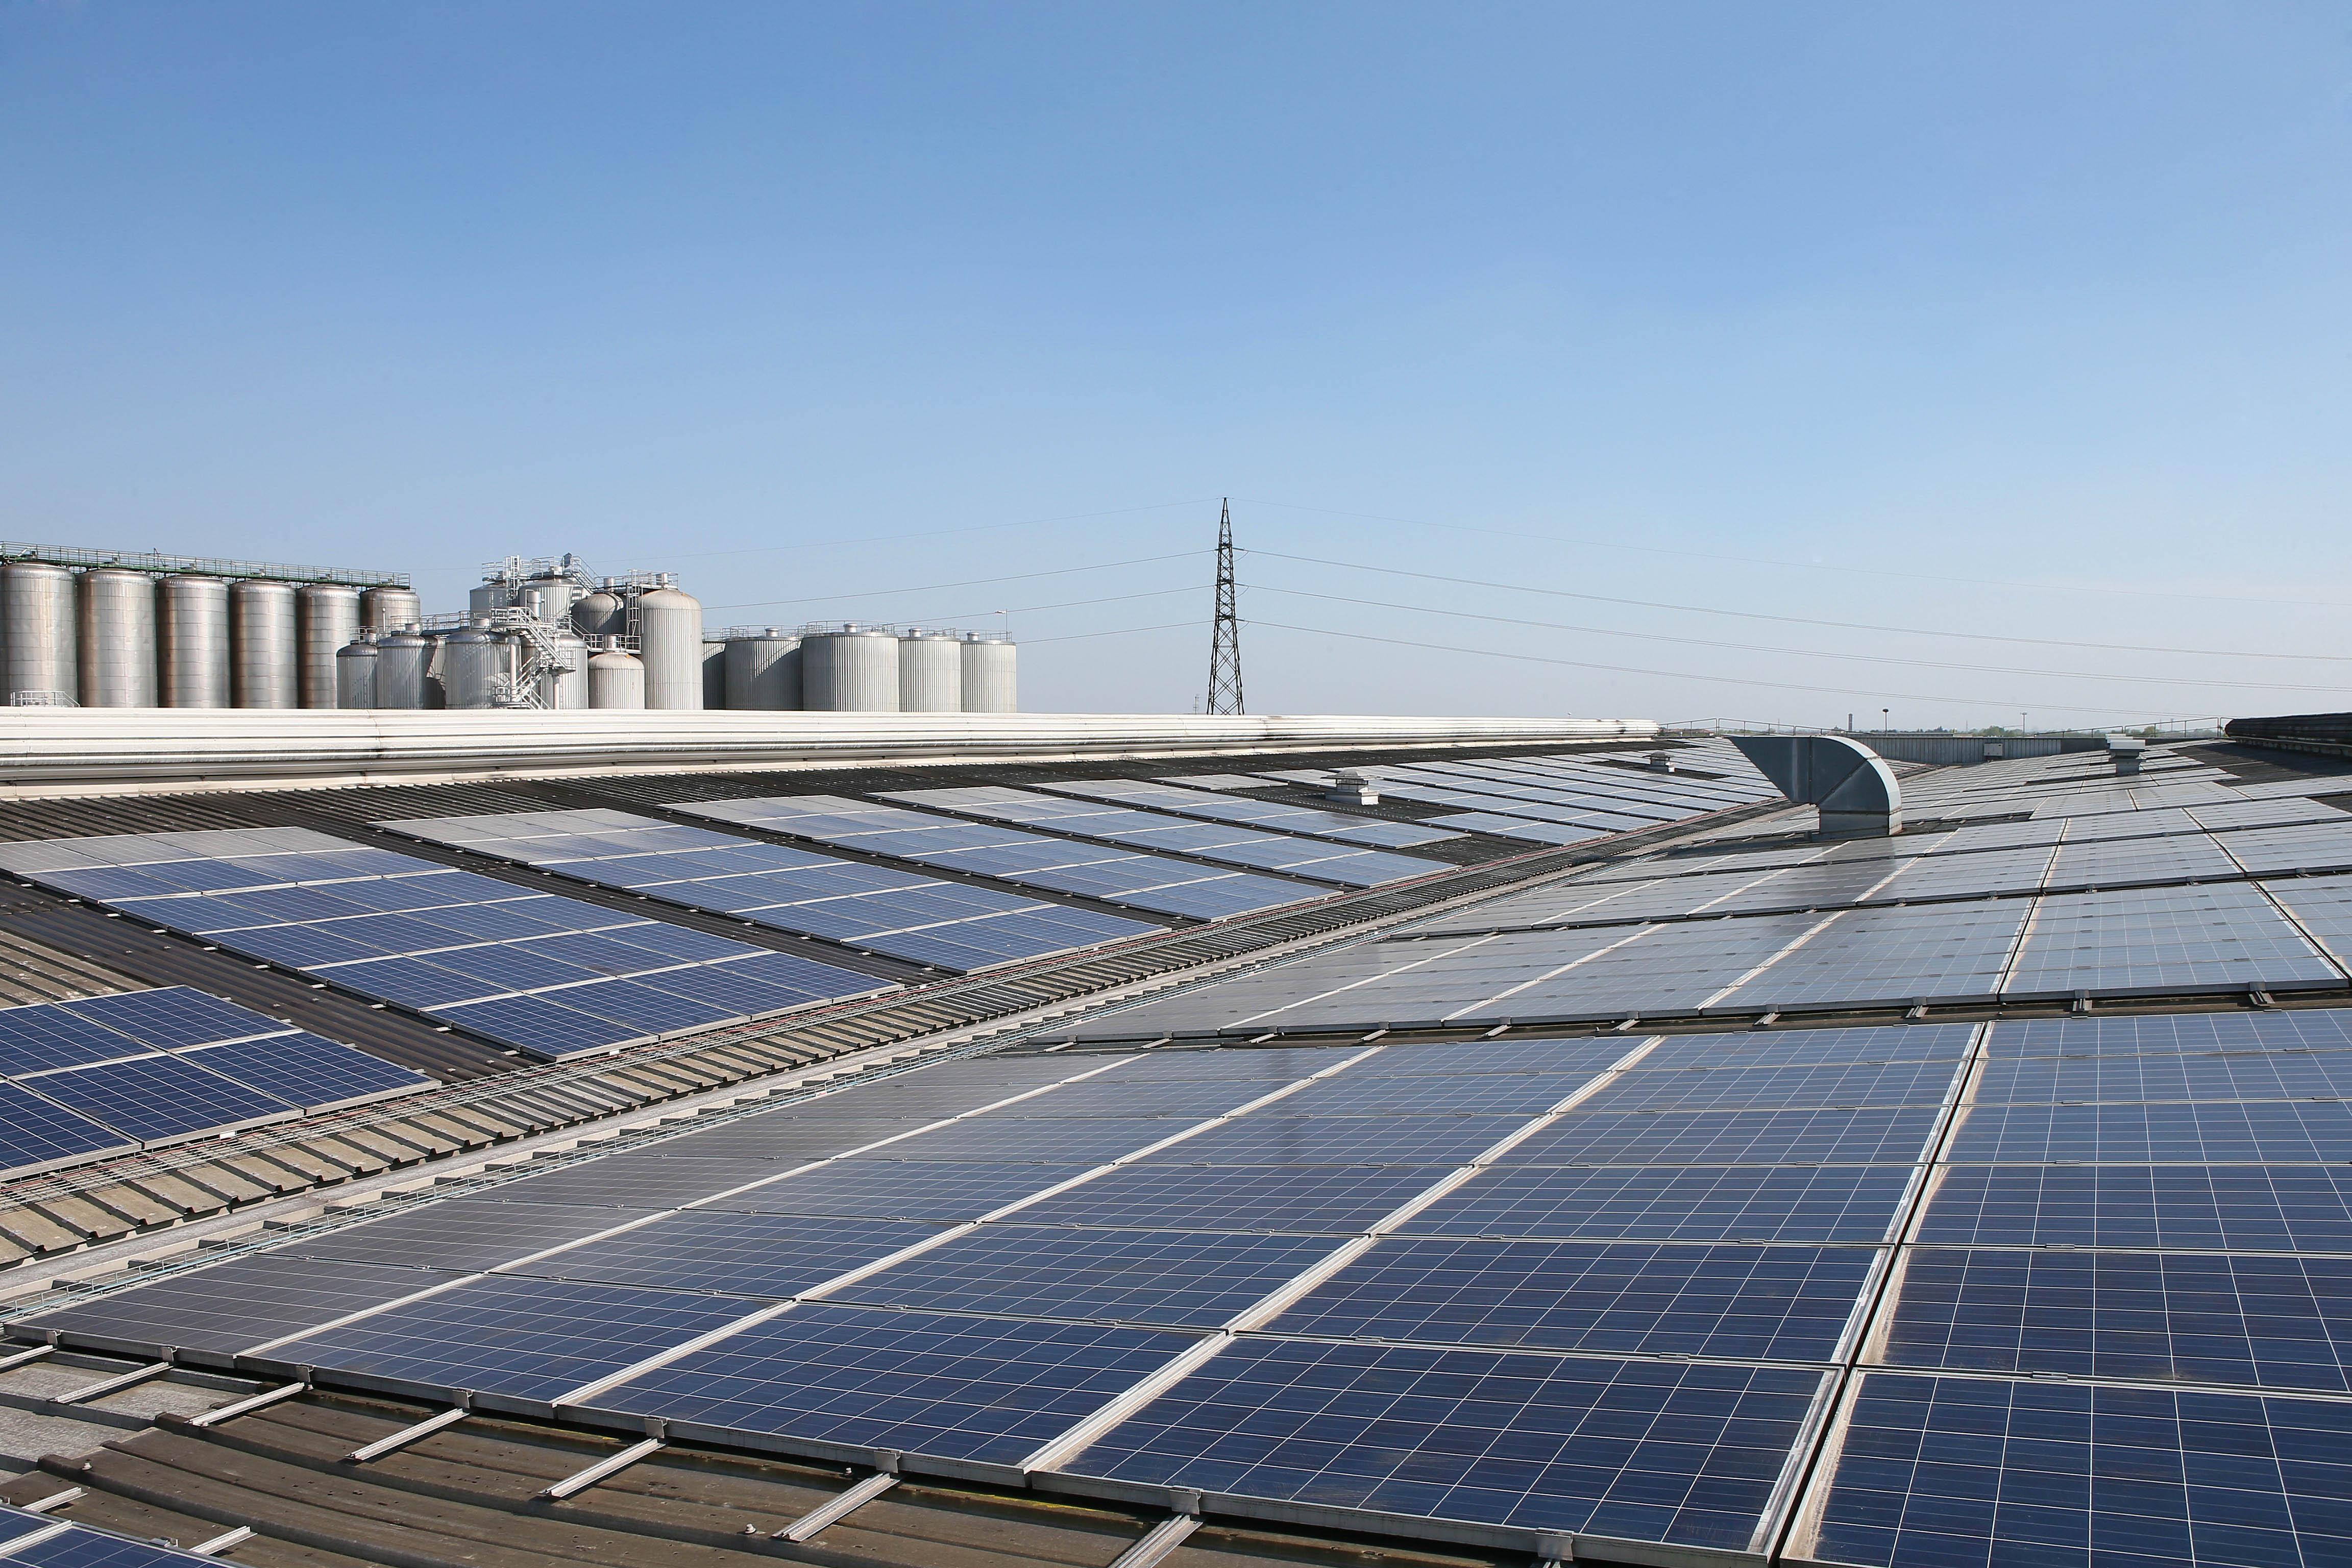 heineken-impianto-fotovoltaico.jpg